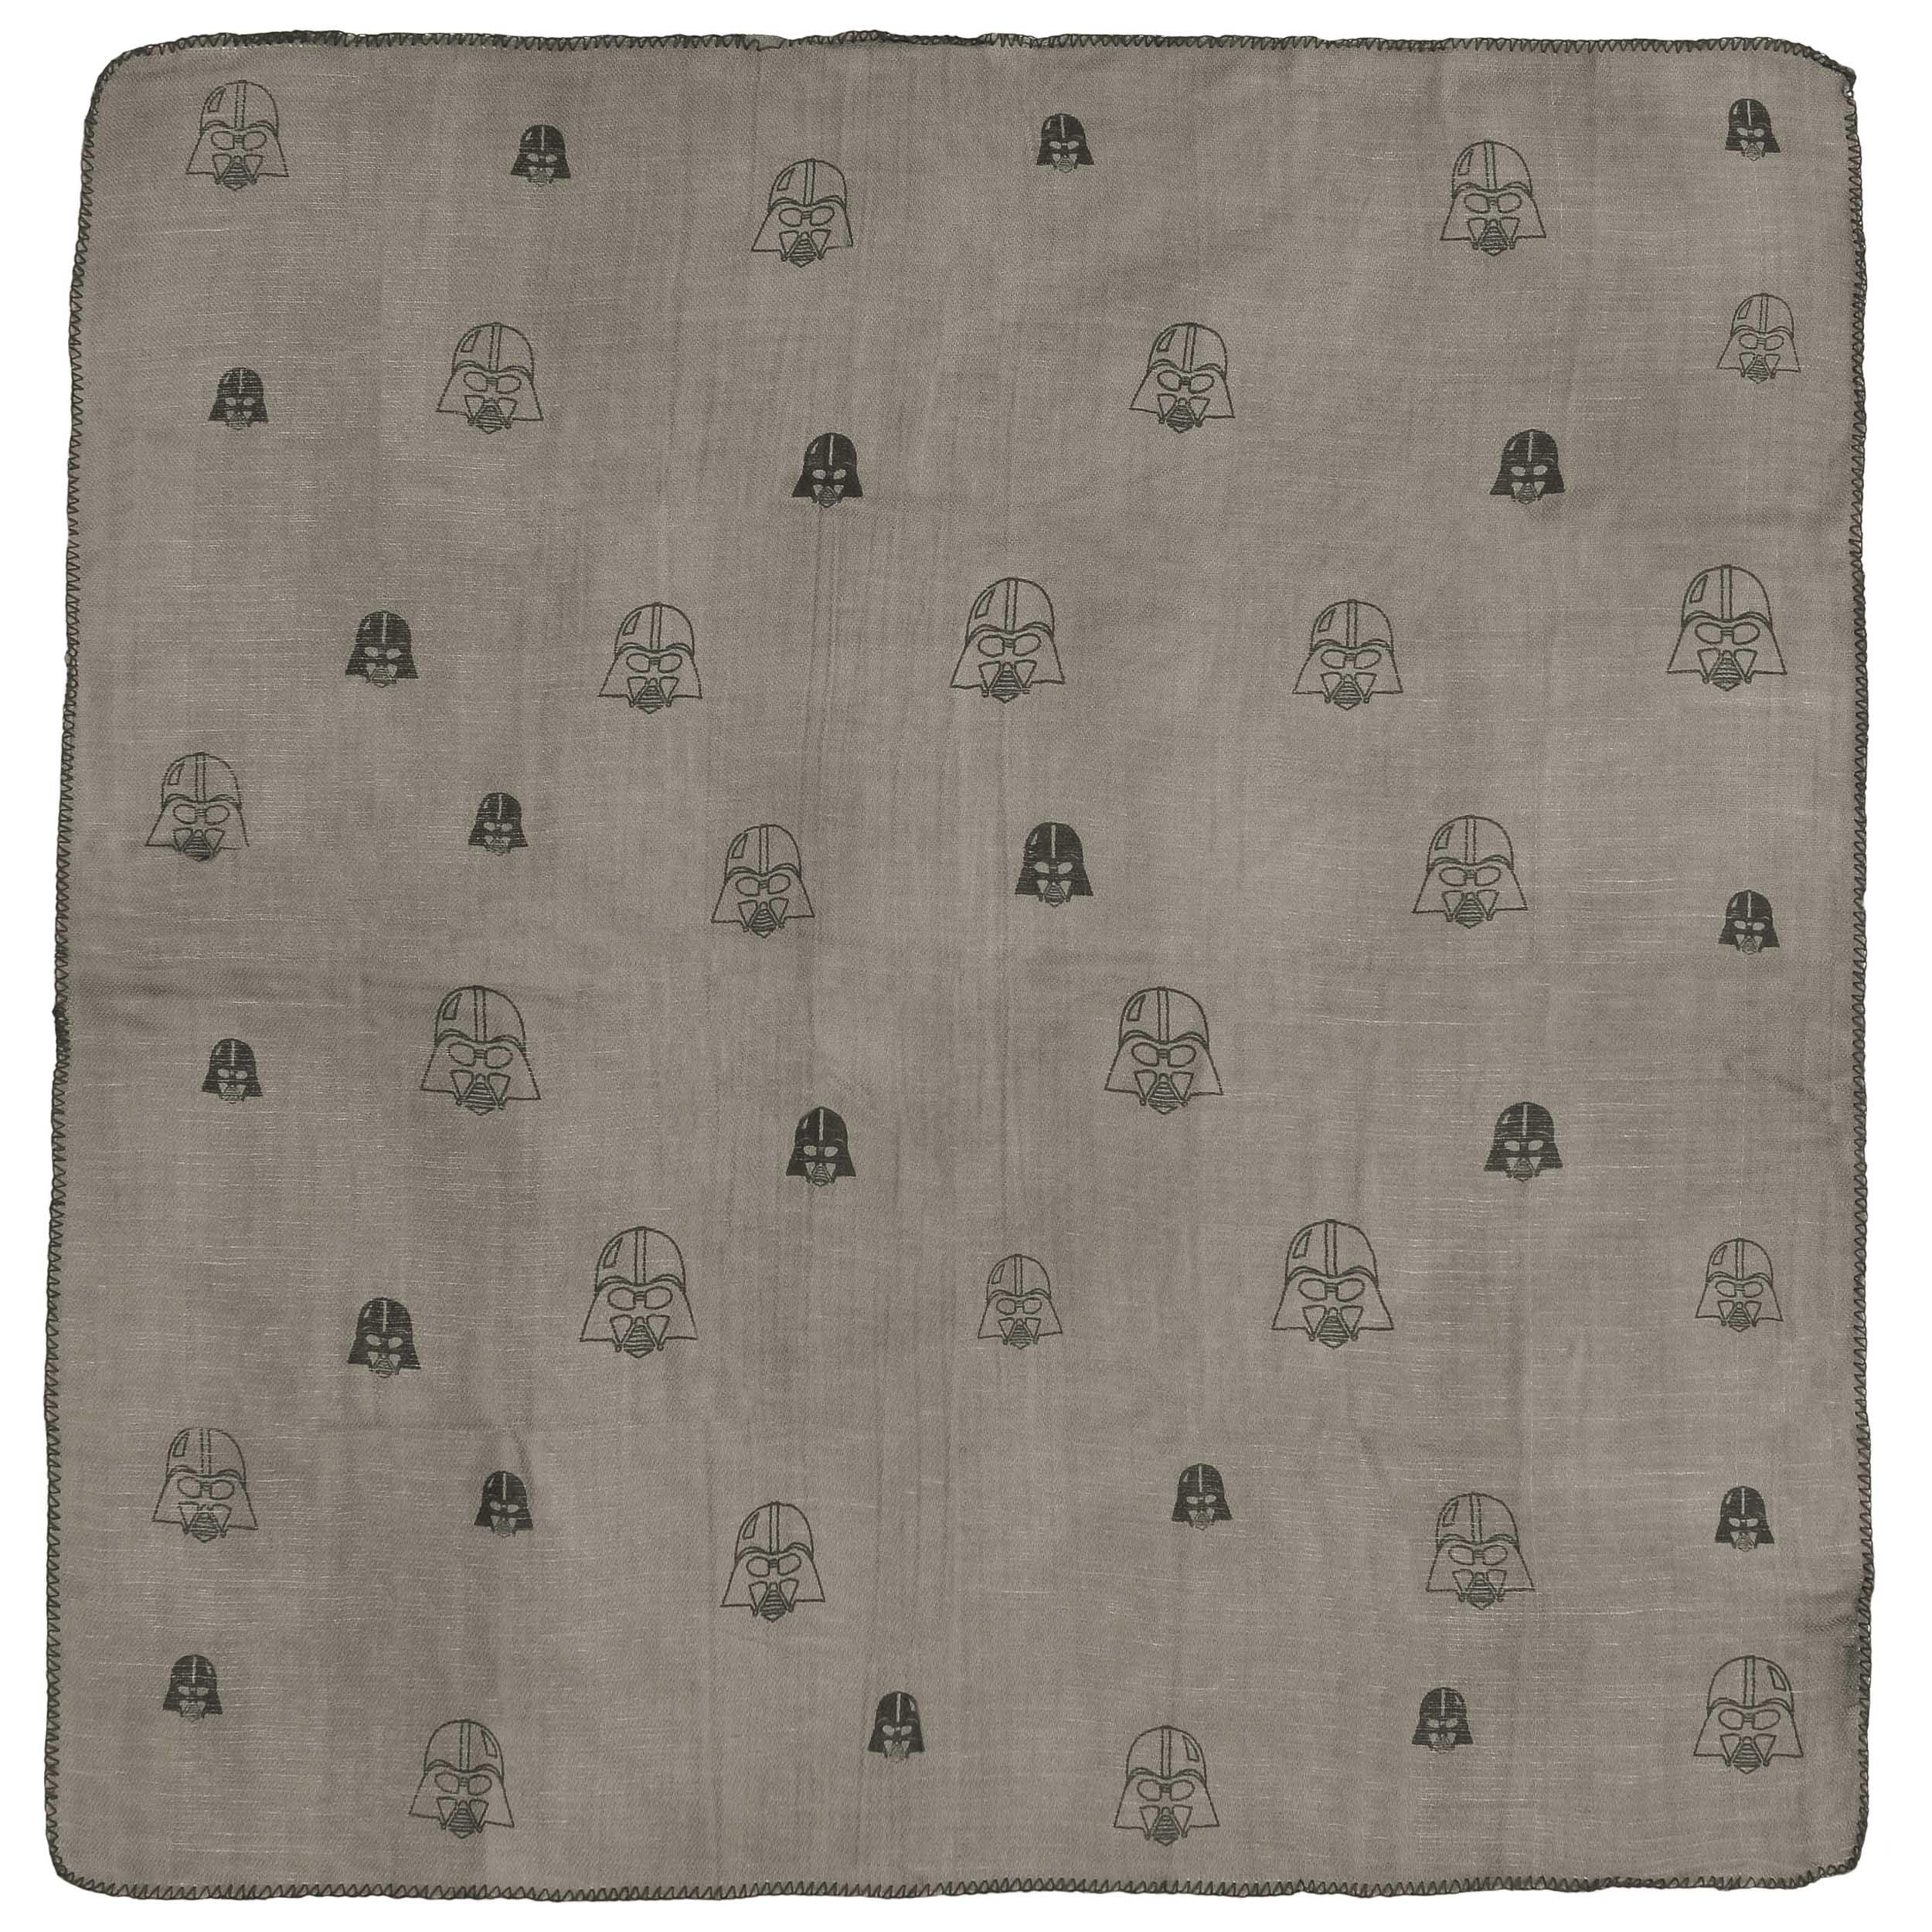 darth vader blanket schal by codello 24 95. Black Bedroom Furniture Sets. Home Design Ideas